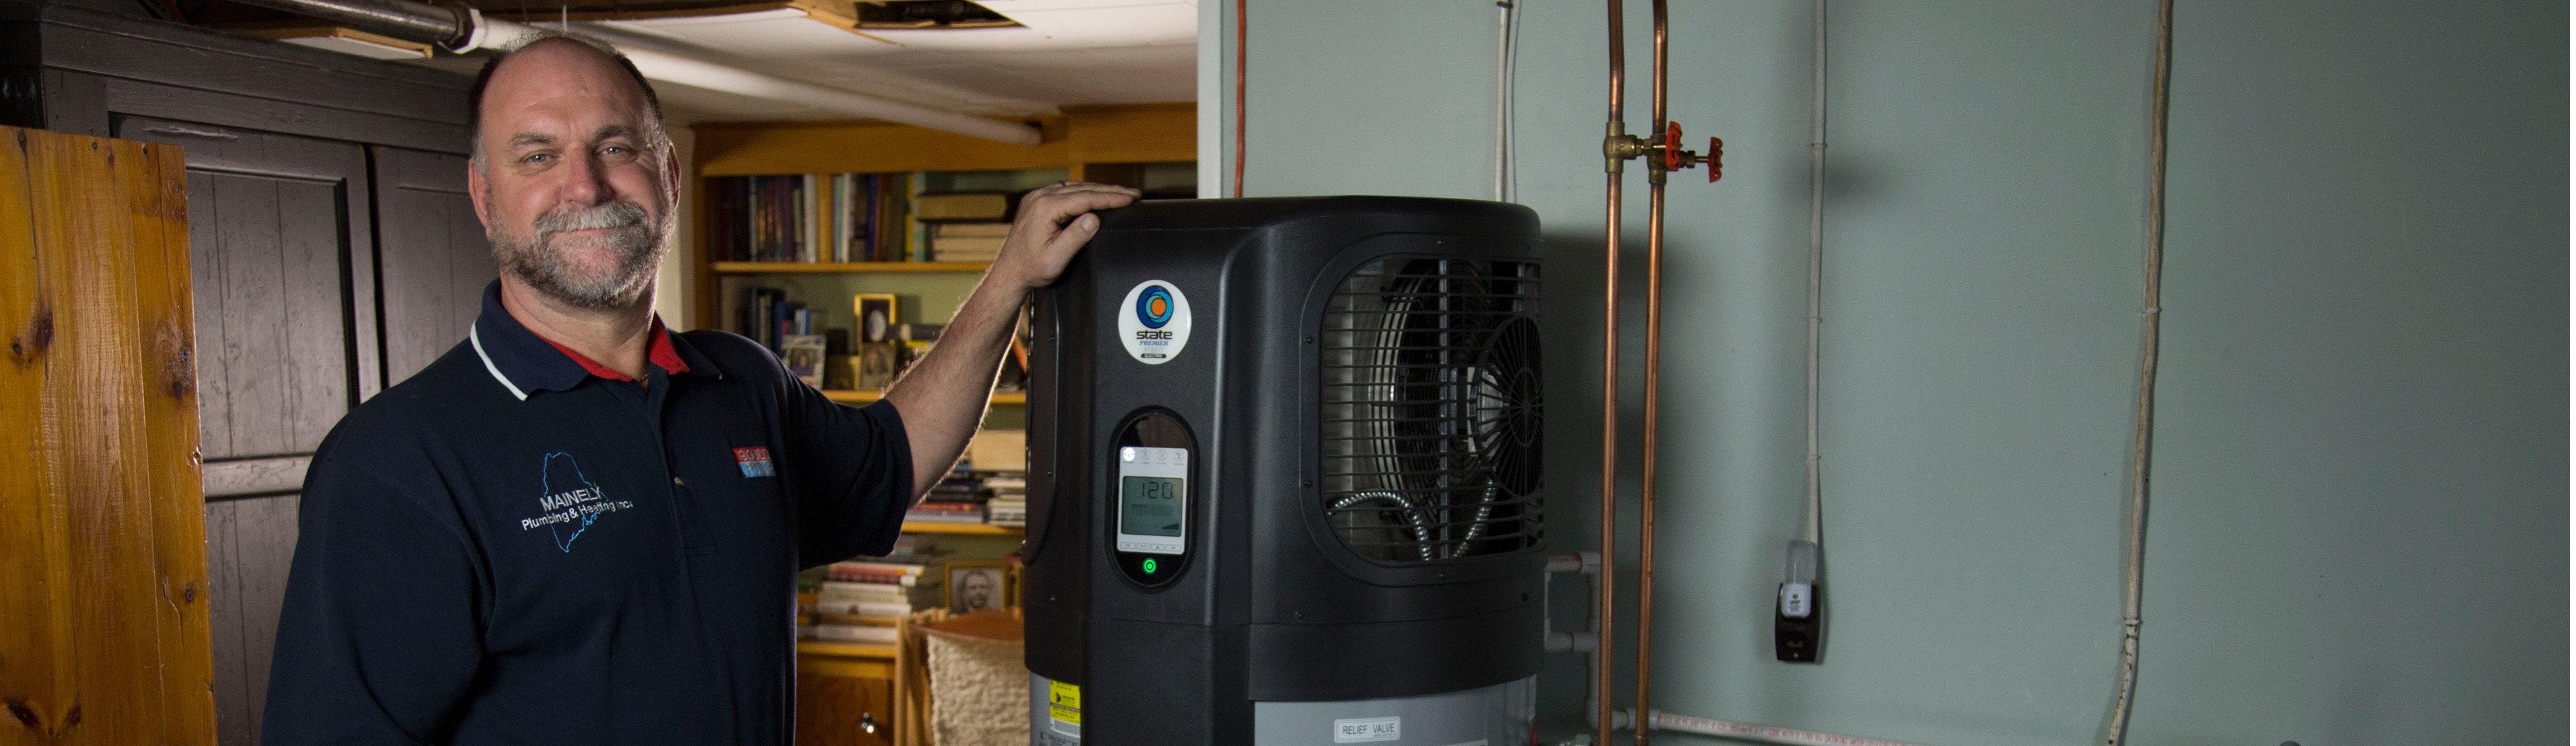 Man standing next to a heat pump water heater